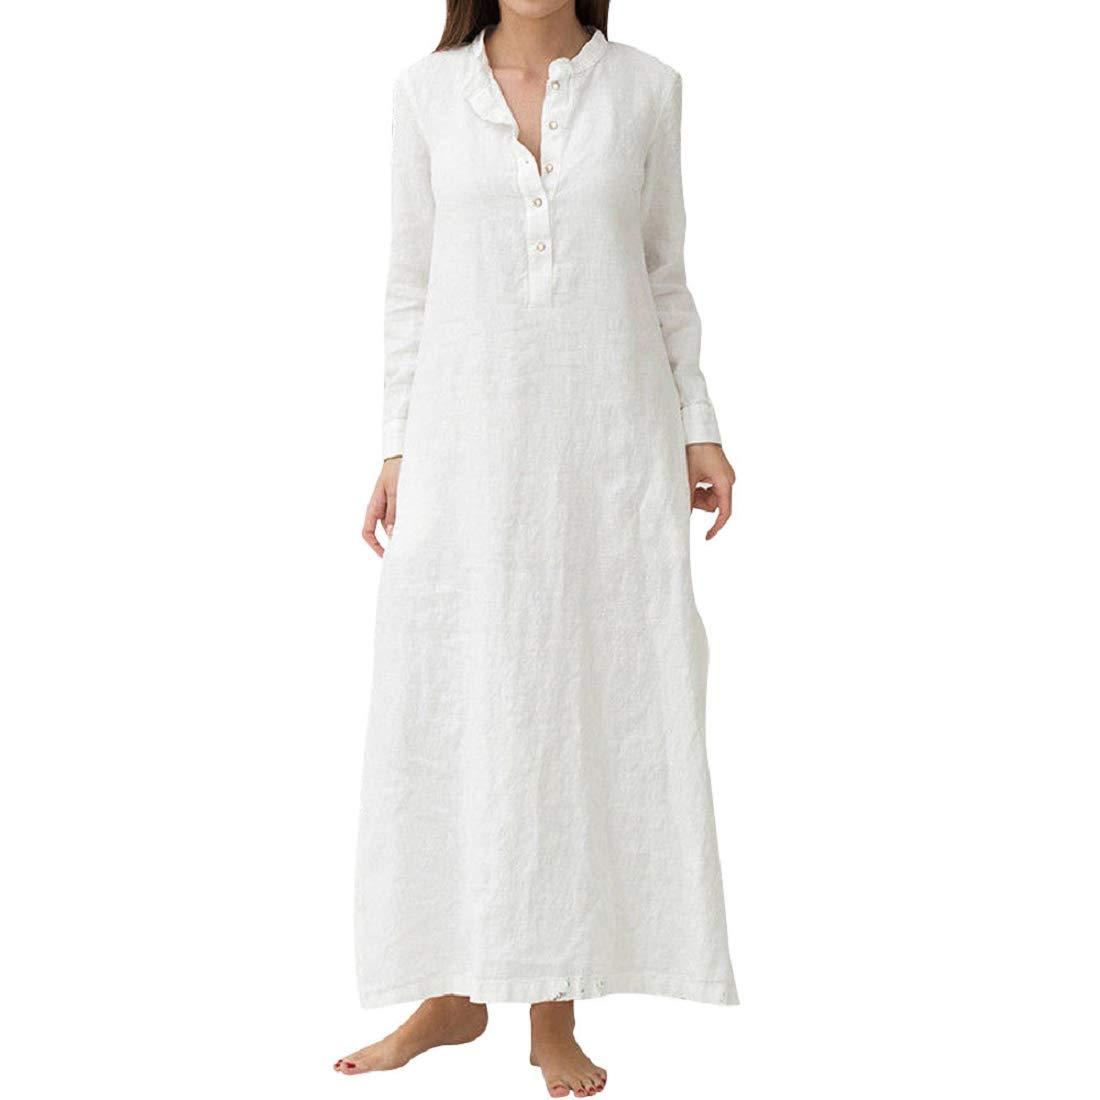 Soupliebe Sommerkleid Damen Maxi Kleid Frauen Baumwolle Langarm Einfarbig Casual Übergroße Lange Maxi Kleid Shirt HemdKleid